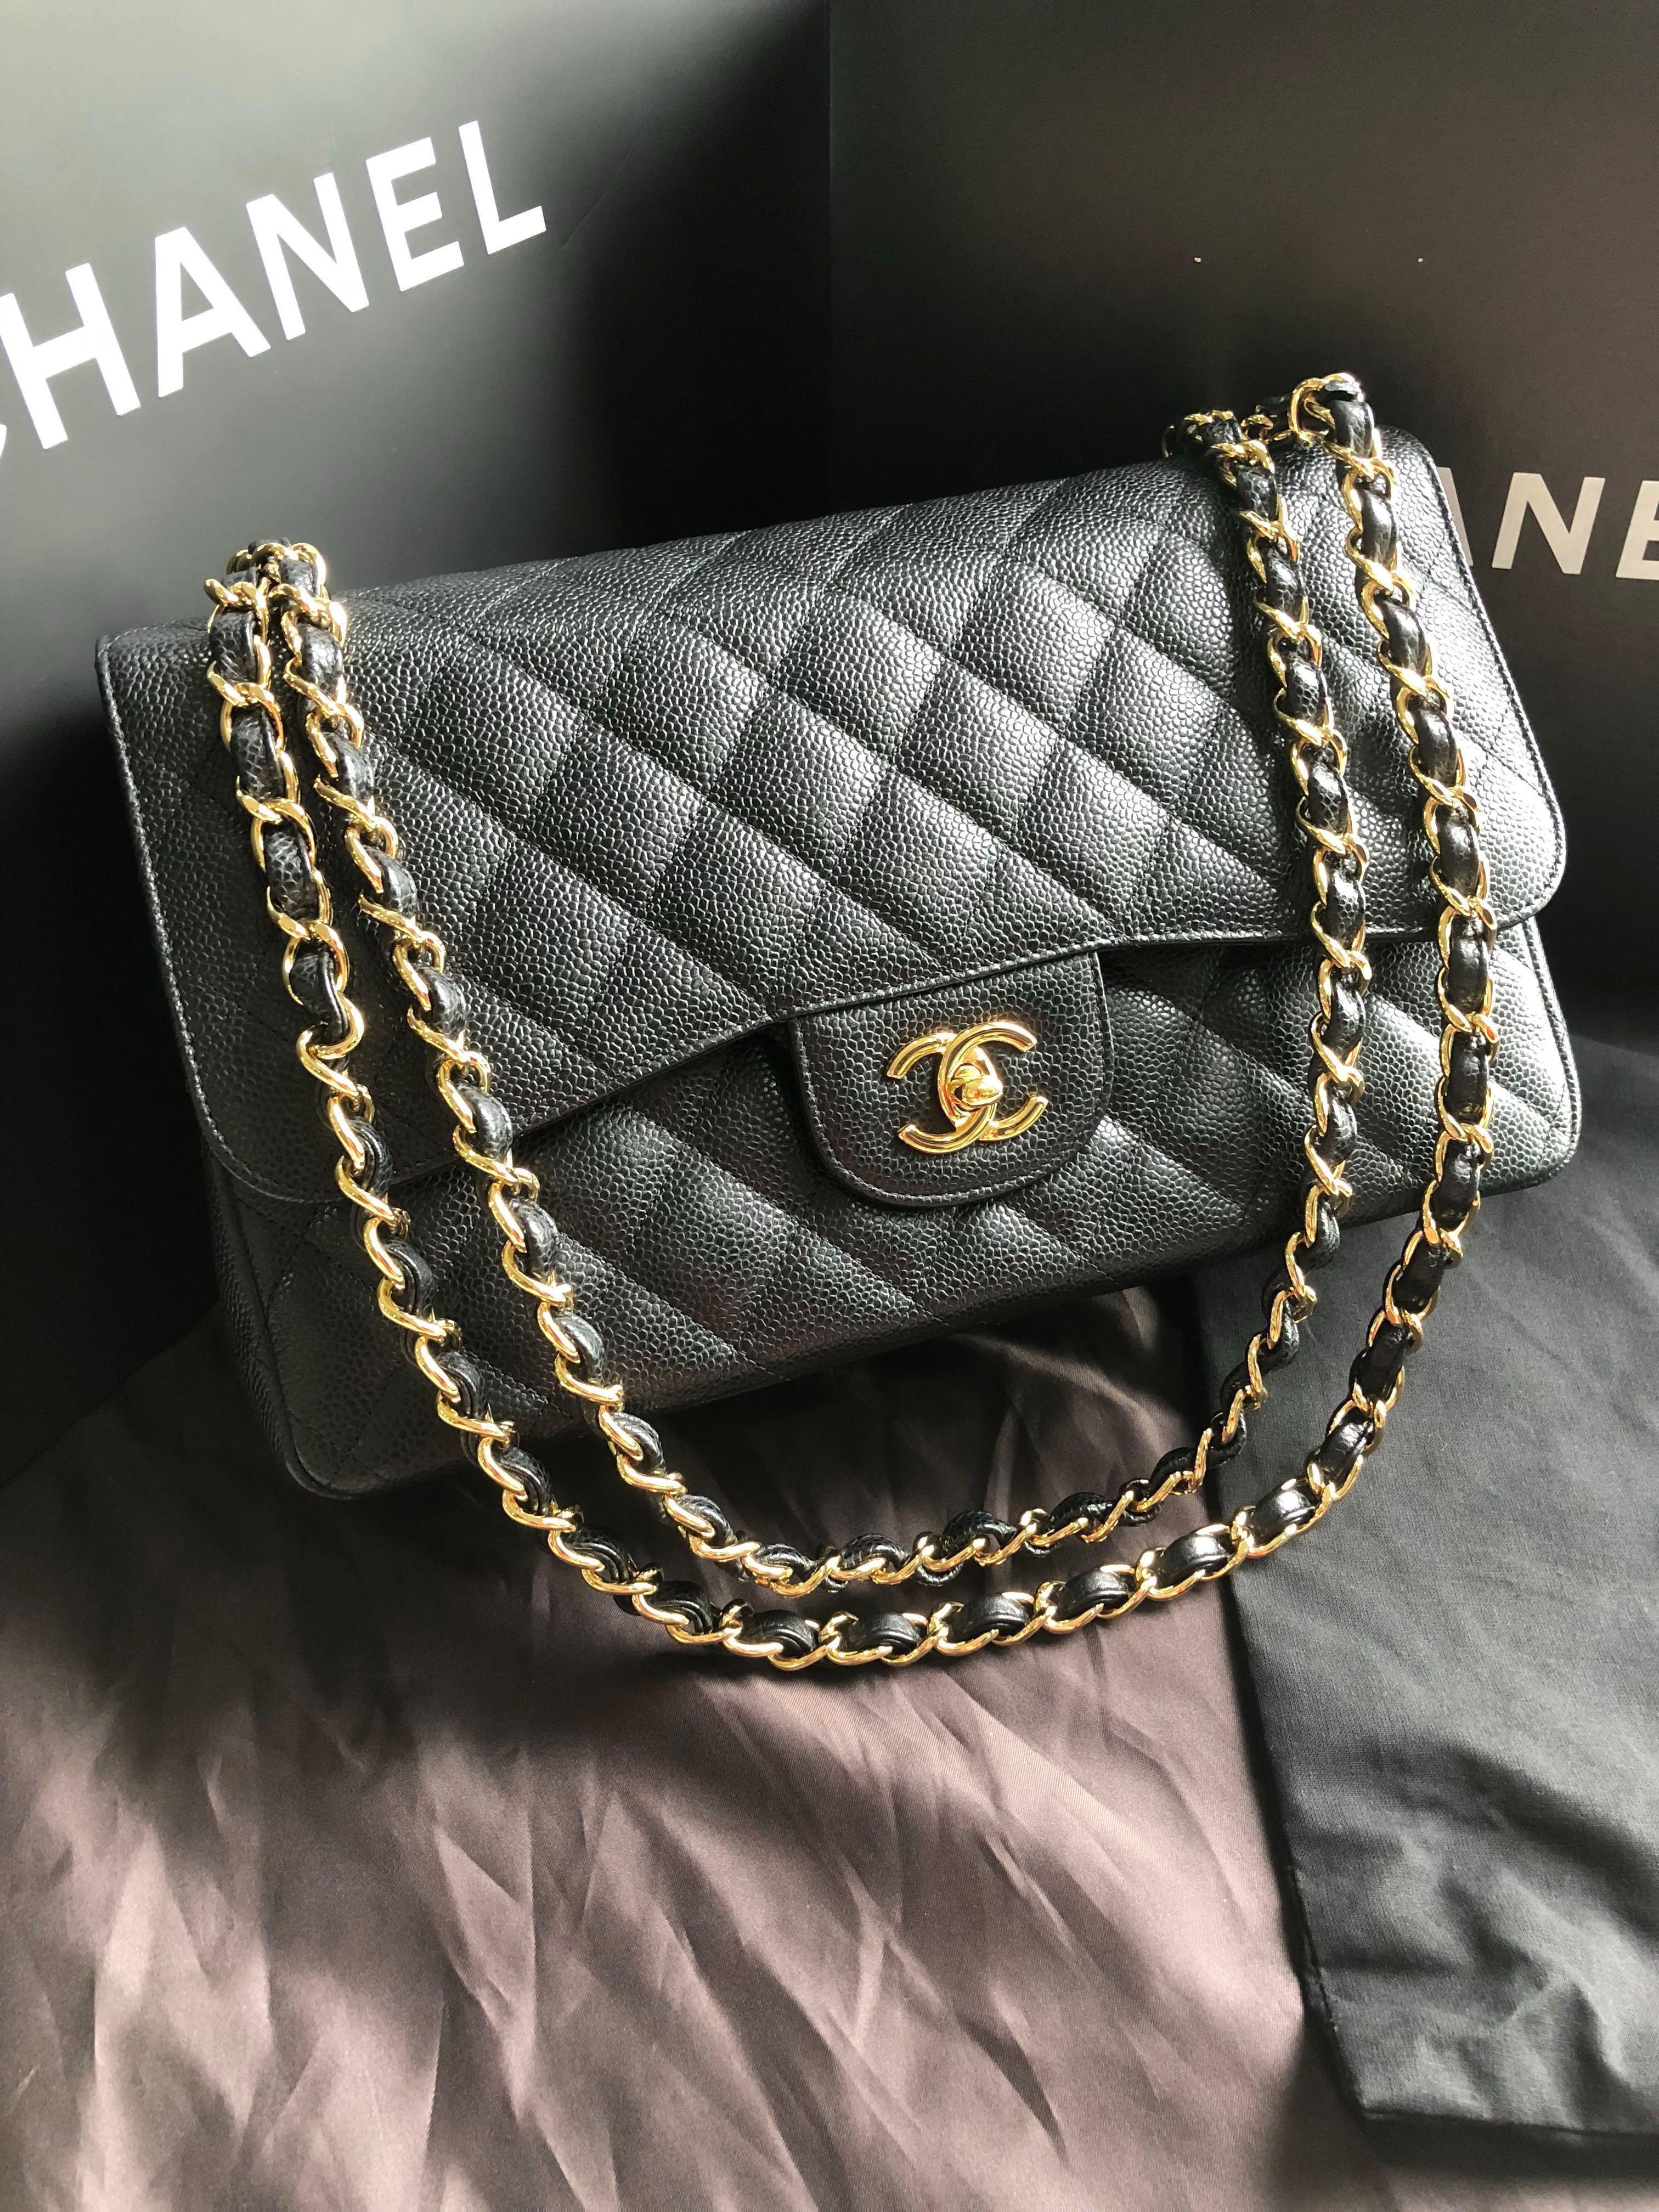 08071443bb94 Chanel Caviar Jumbo GHW Double Flap, Luxury, Bags & Wallets ...